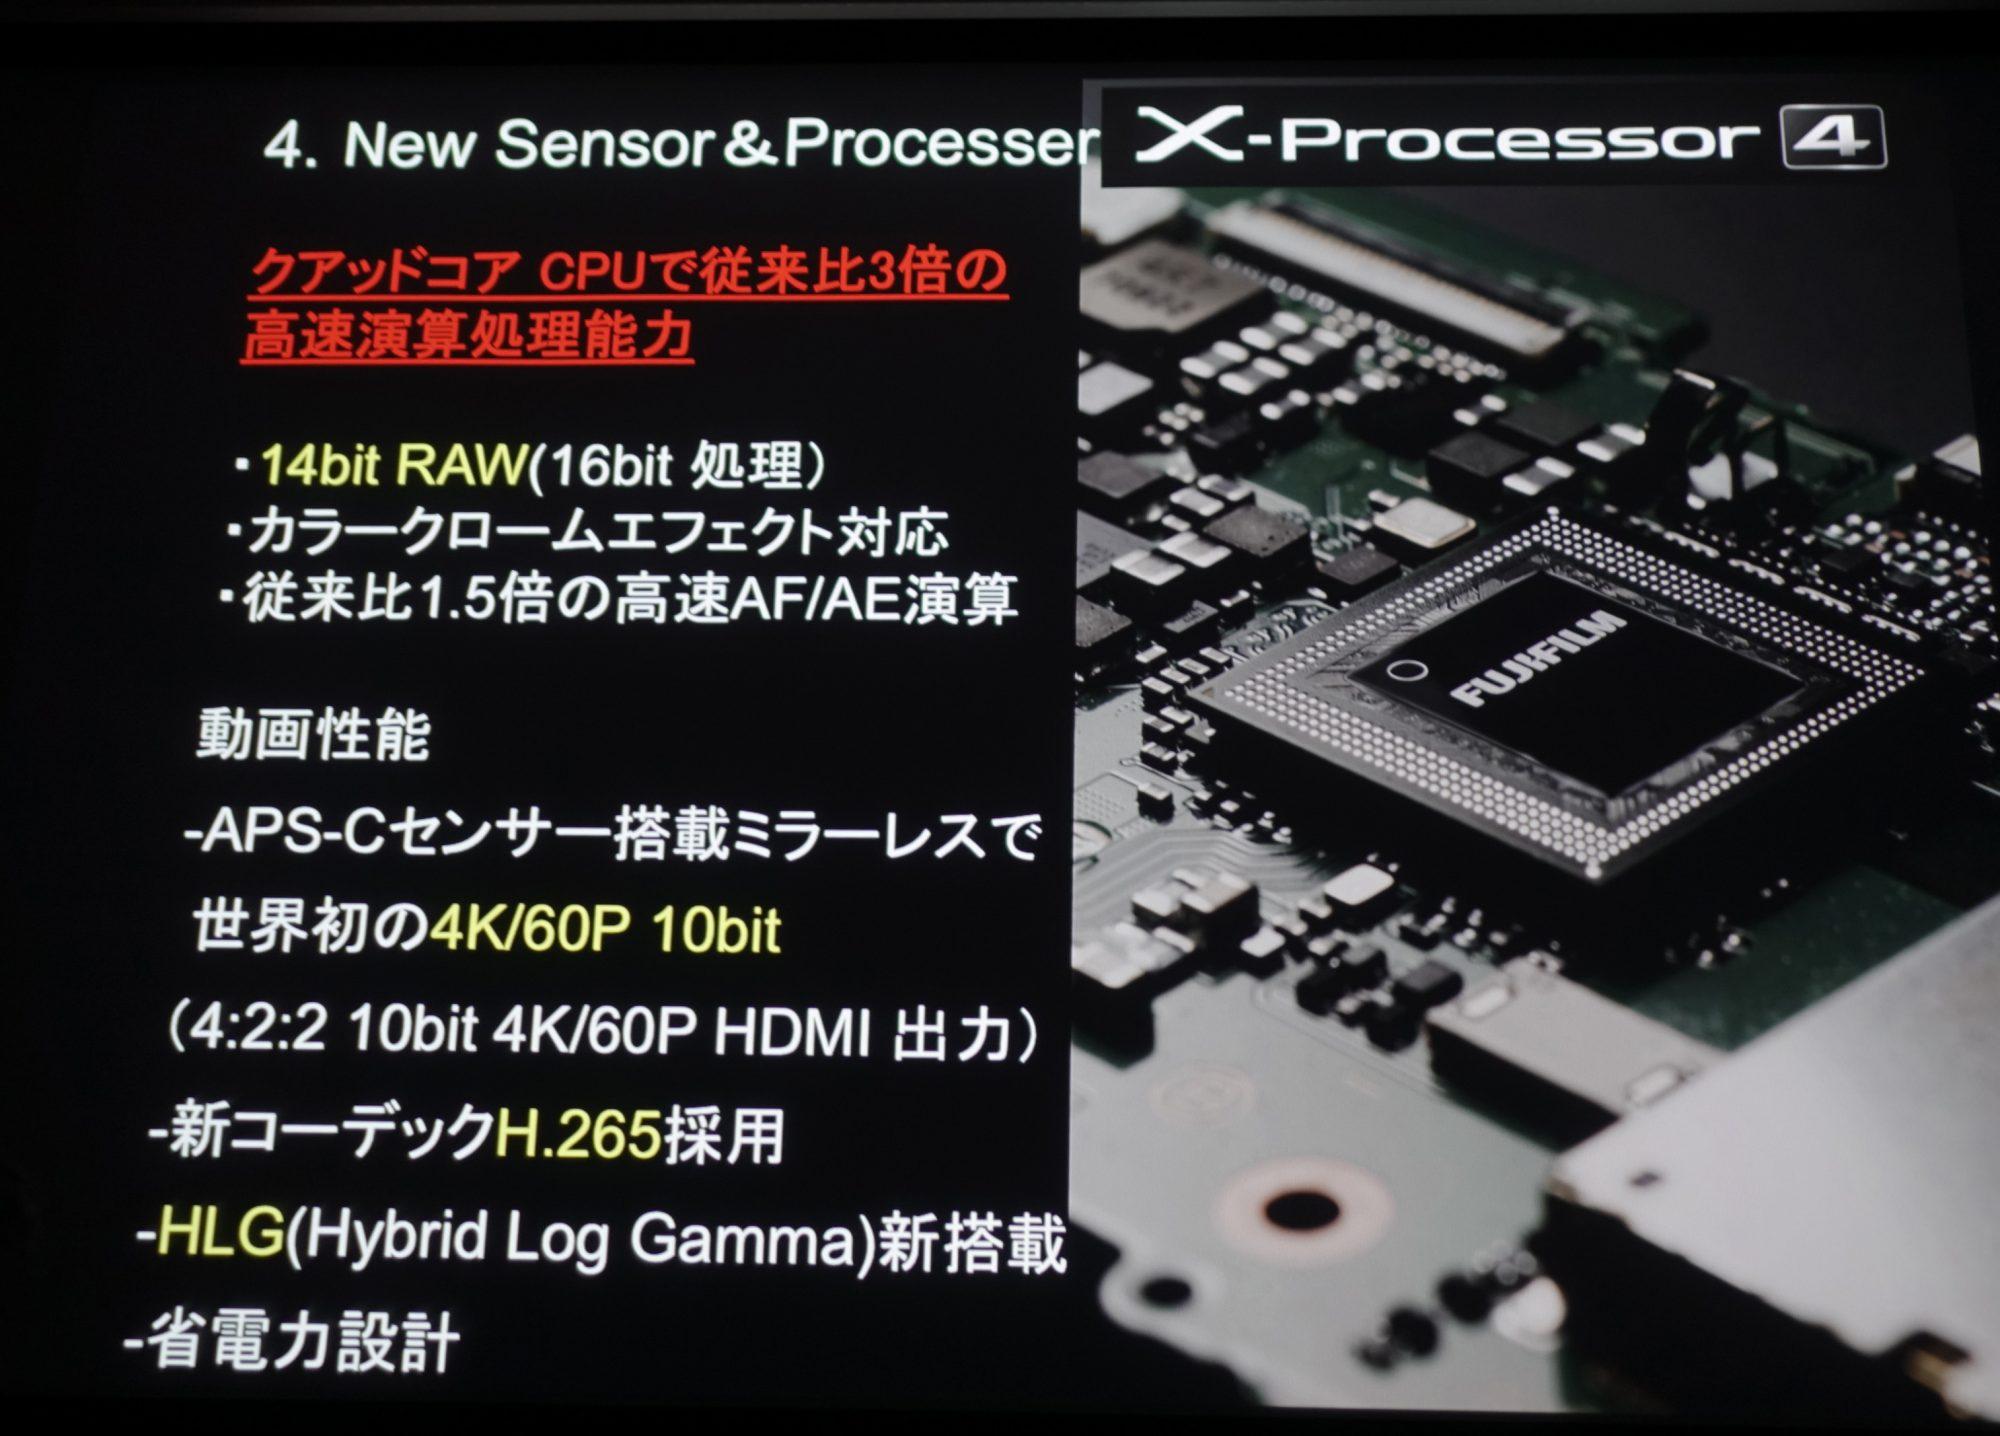 富士フイルム、4K/60p 4:2:0 10bit記録、H 265/HEVC、ALL-Intraに対応